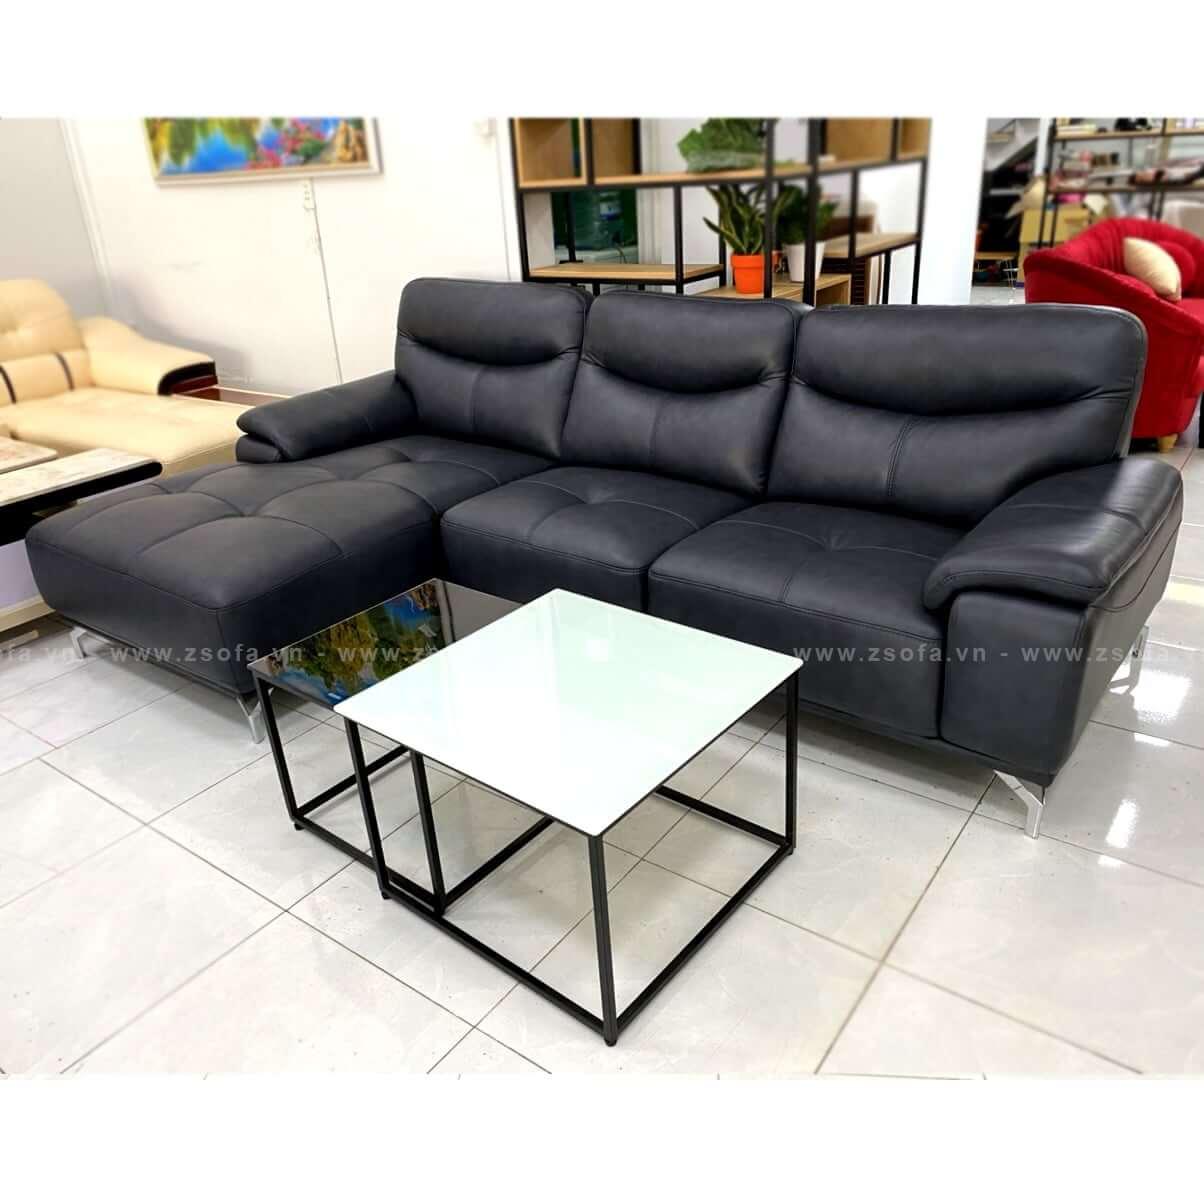 Hệ thống cửa hàng sofa hàng đầu Thành Phố Hồ Chí Minh